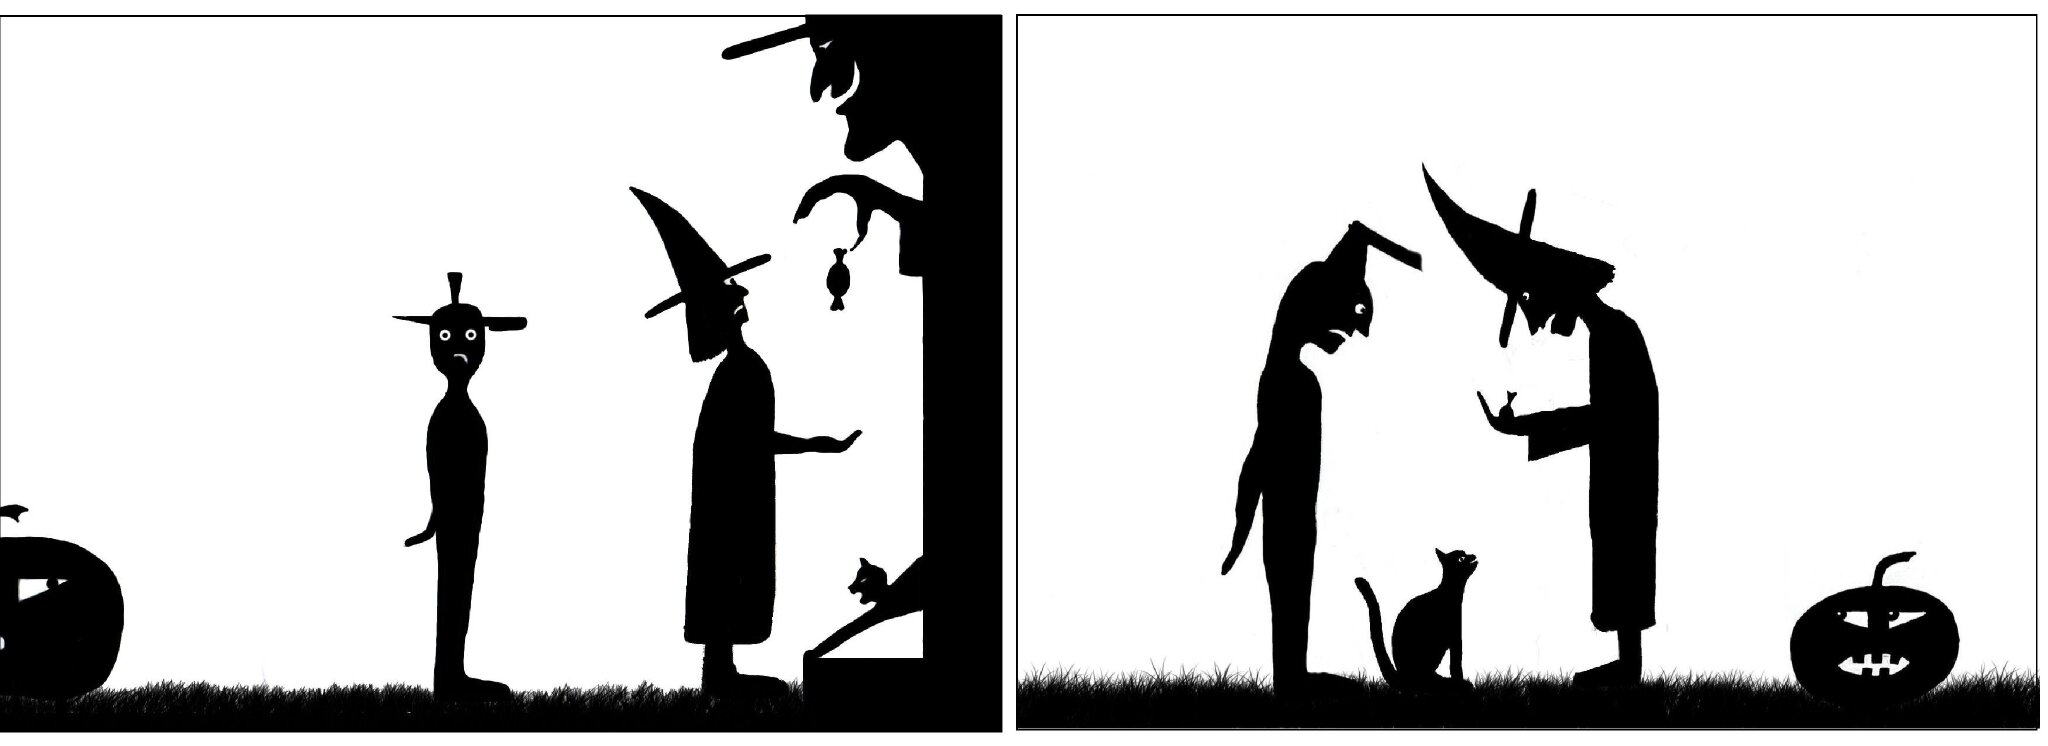 Dessin ombre chinoise r sultats aol de la recherche d 39 images - Dessin sombre ...